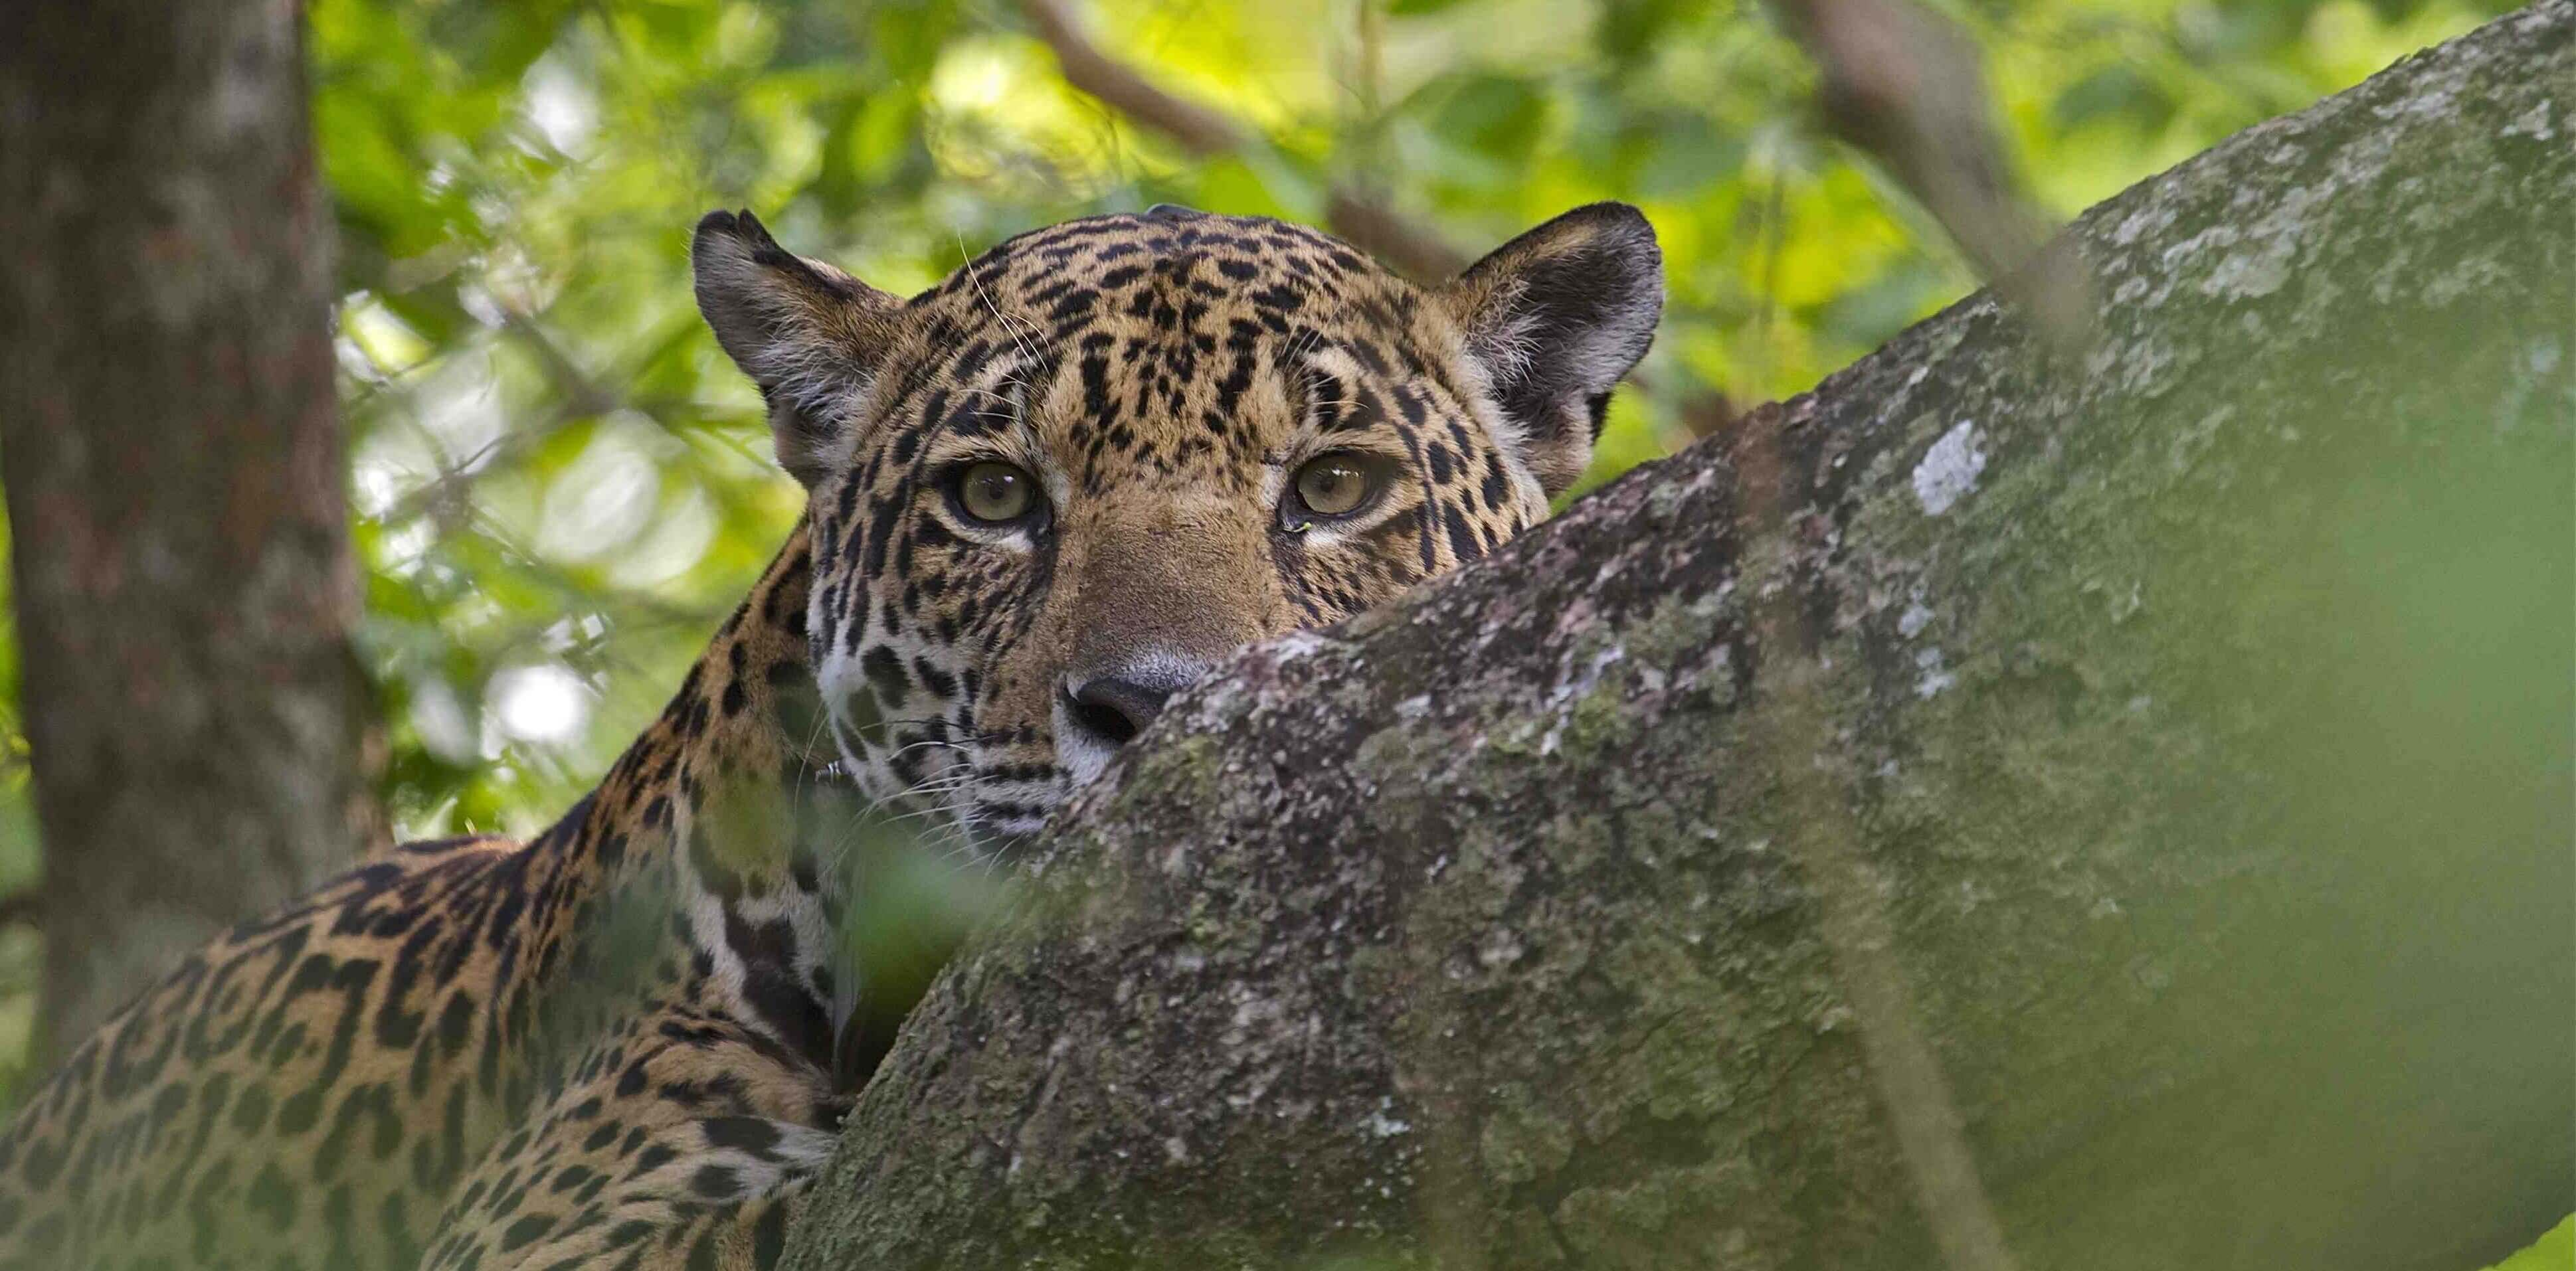 Brazil-Jaguar-by-Adriano-Gambarini-e1439377345296